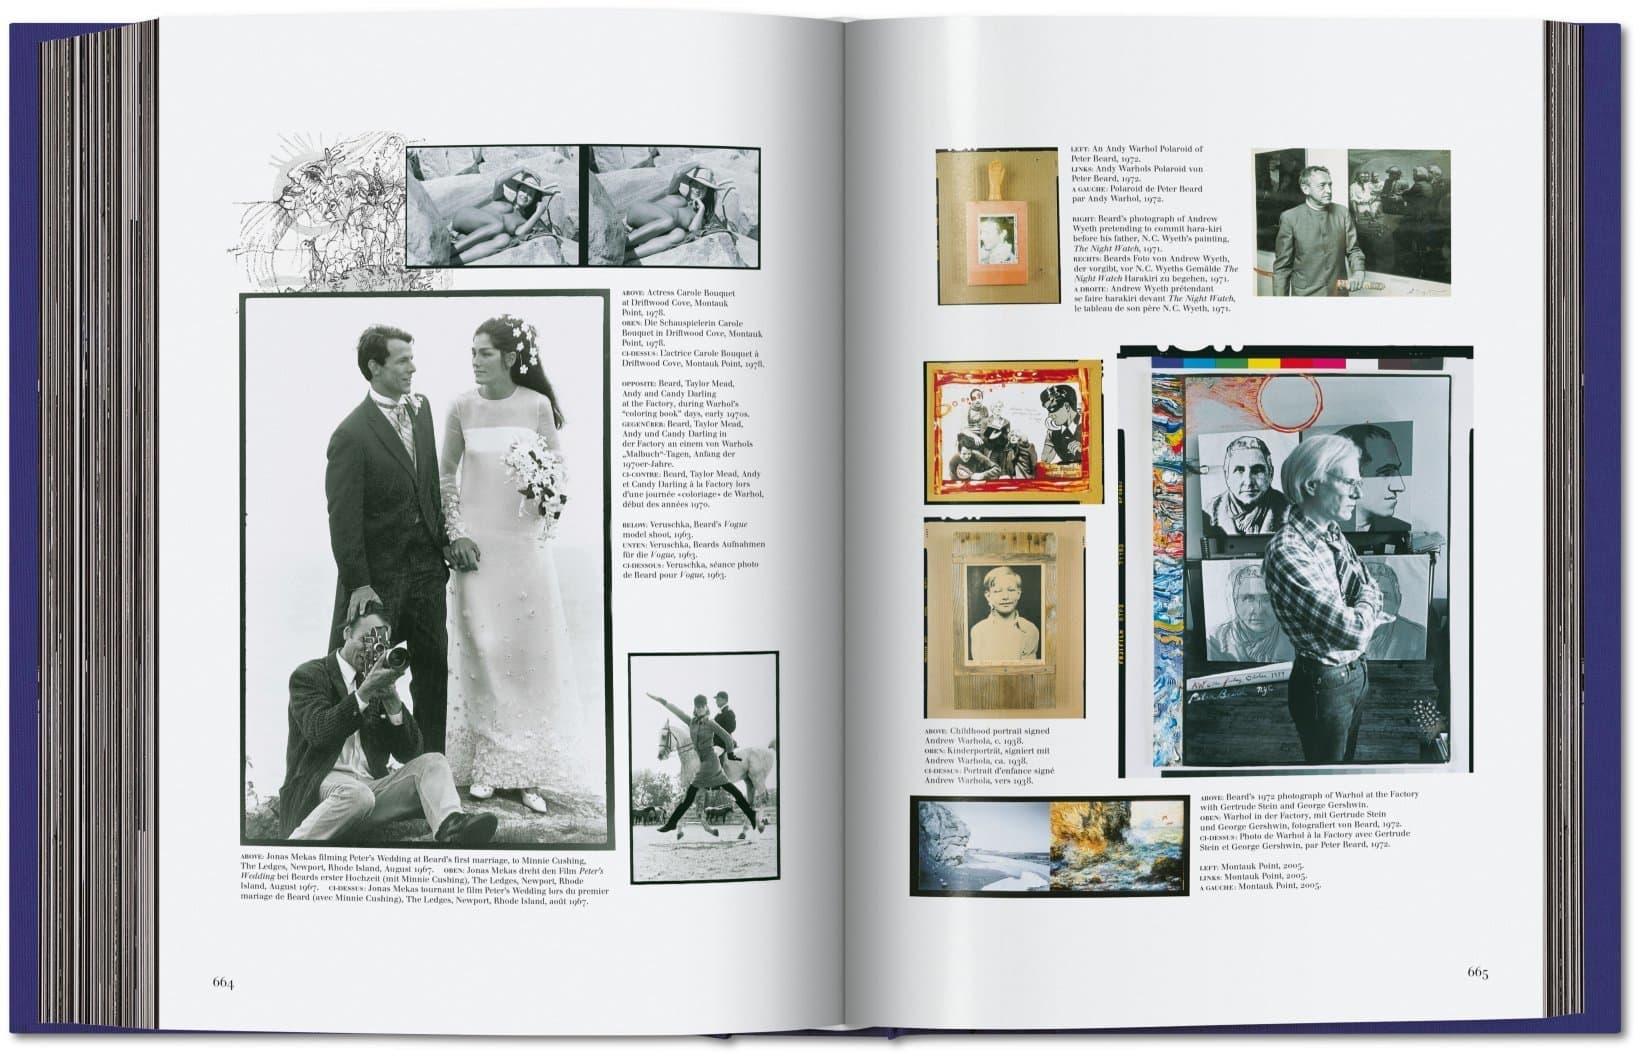 Eine Reise in die Welt des Peter BEARD - TASCHEN Verlag